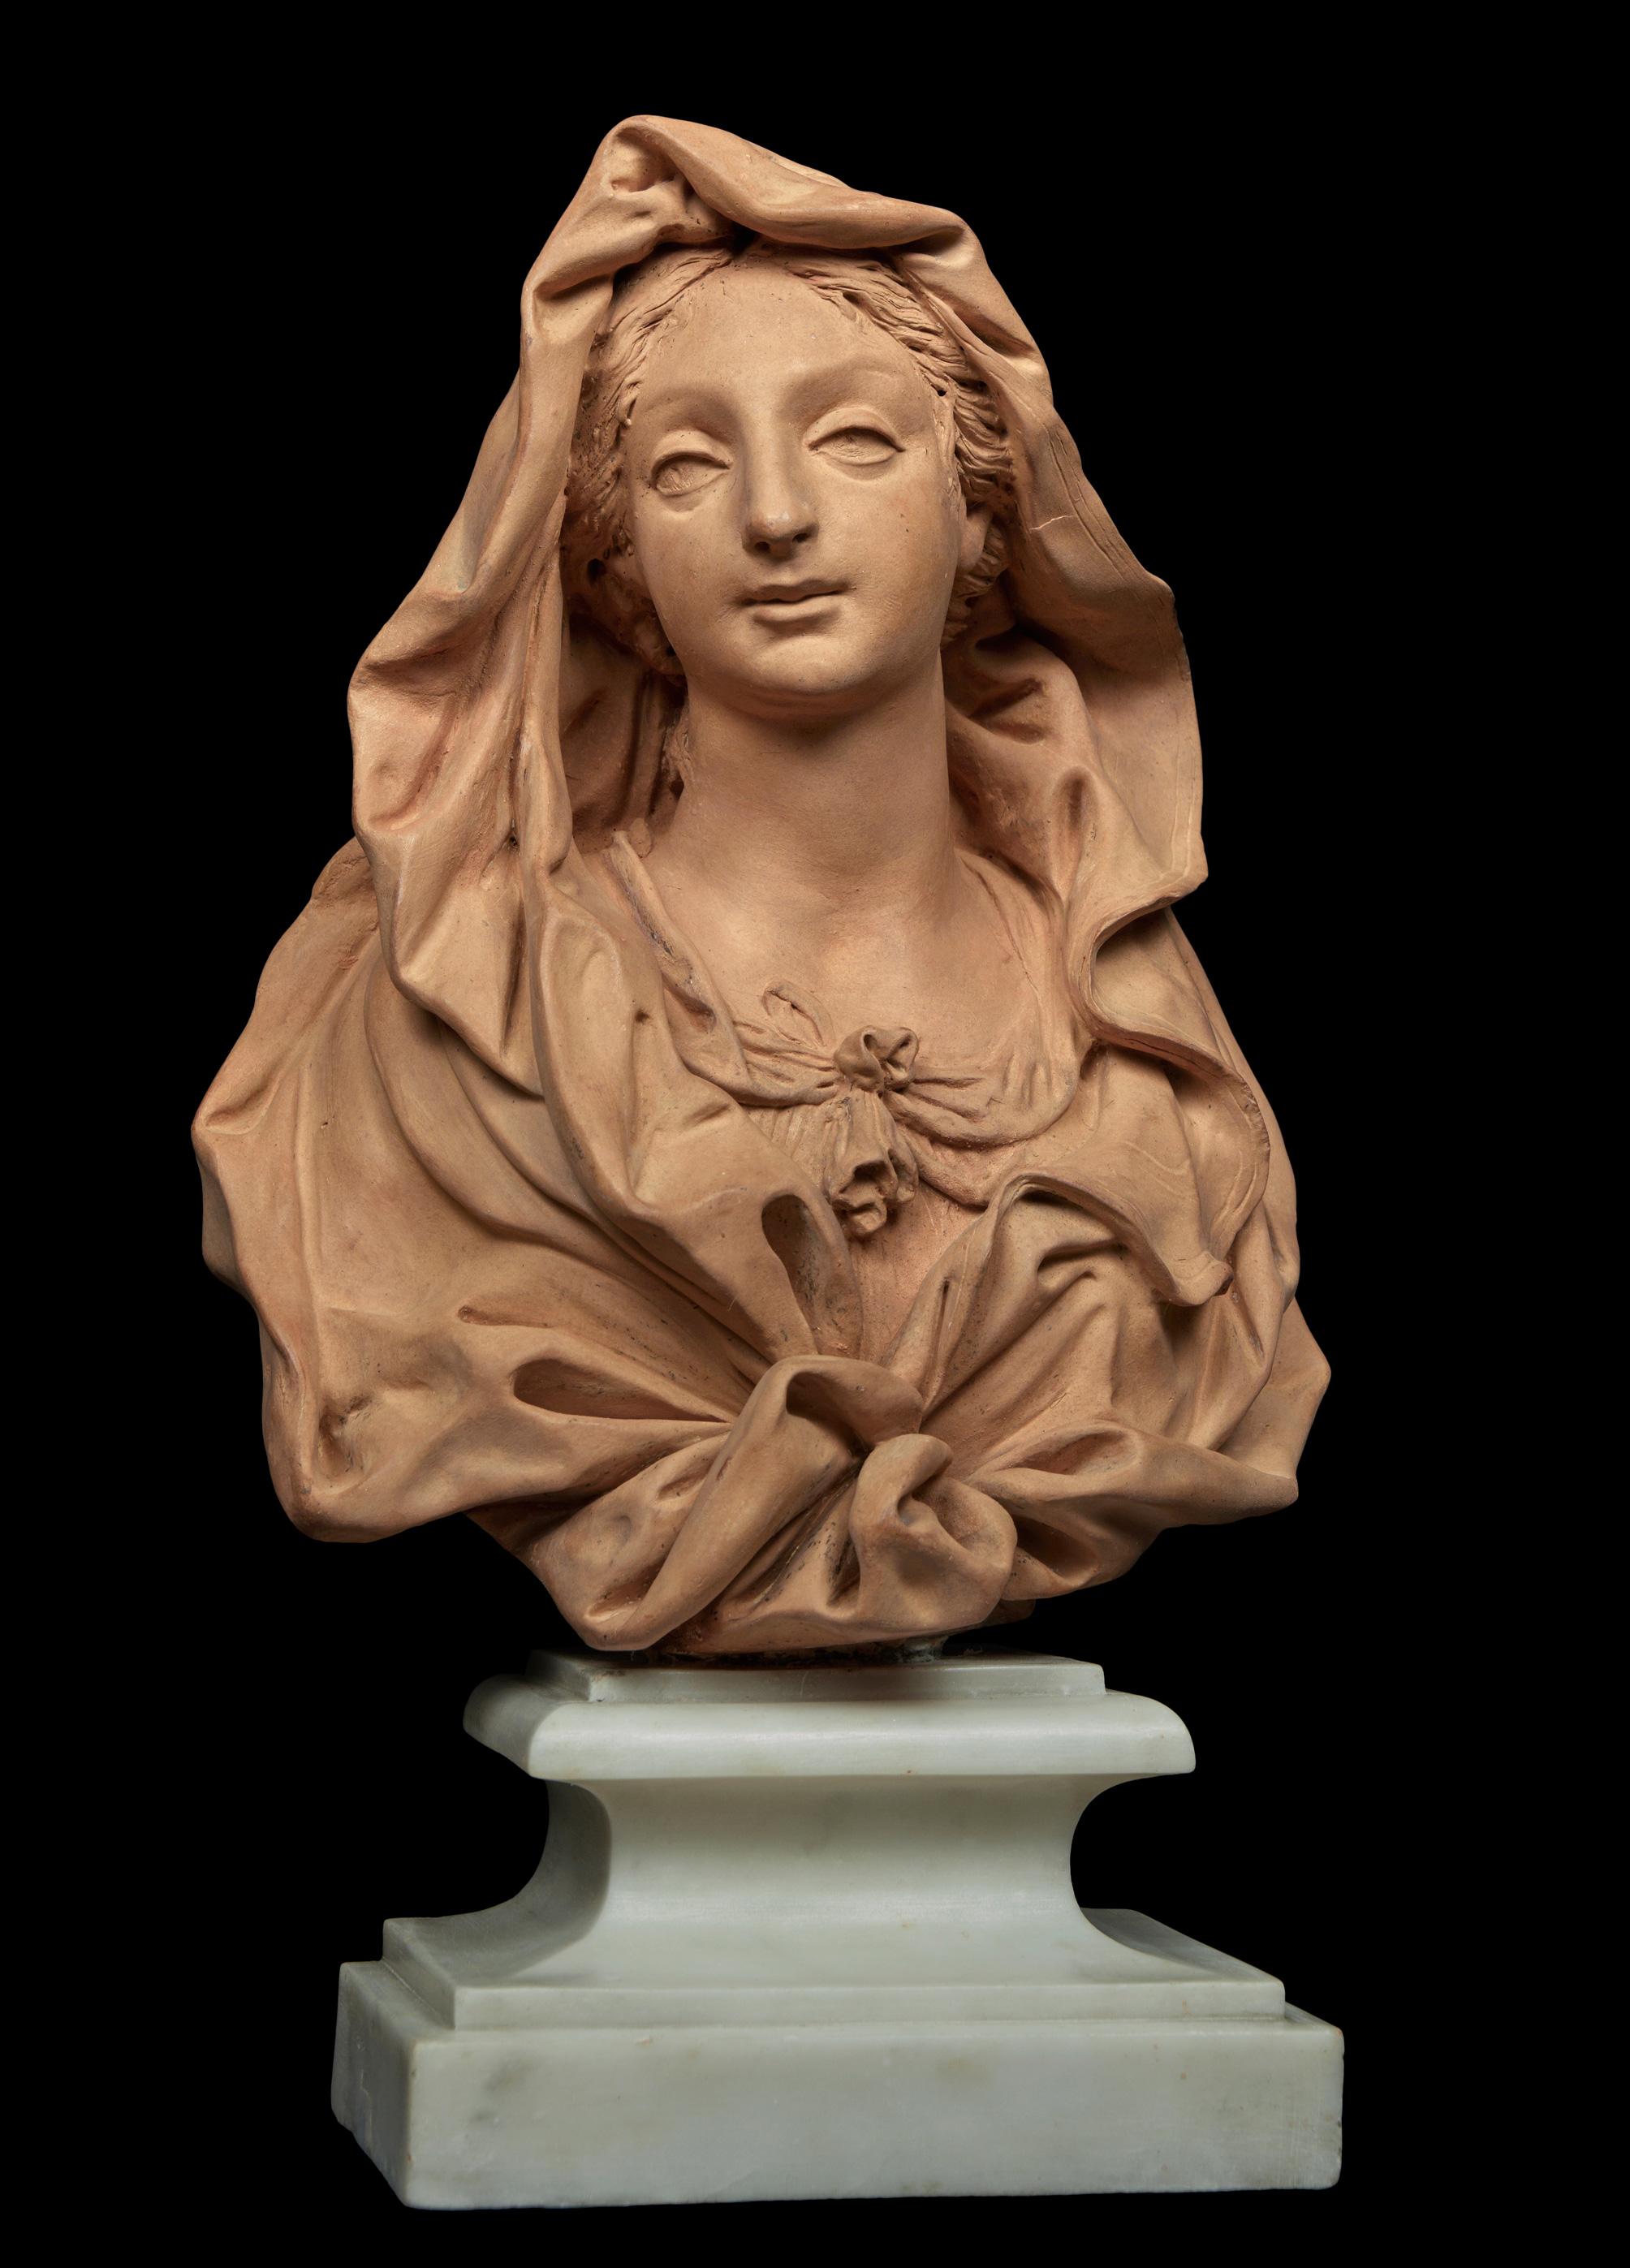 324070b6415 BUSTE DE LA VIERGE MARIE ATTRIBUÉ À GIUSEPPE MAZZUOLI SIENNE - 1644 - ROME  - 1725. VERS 1710 -1720. Terre-cuite sur piédouche en marbre blanc